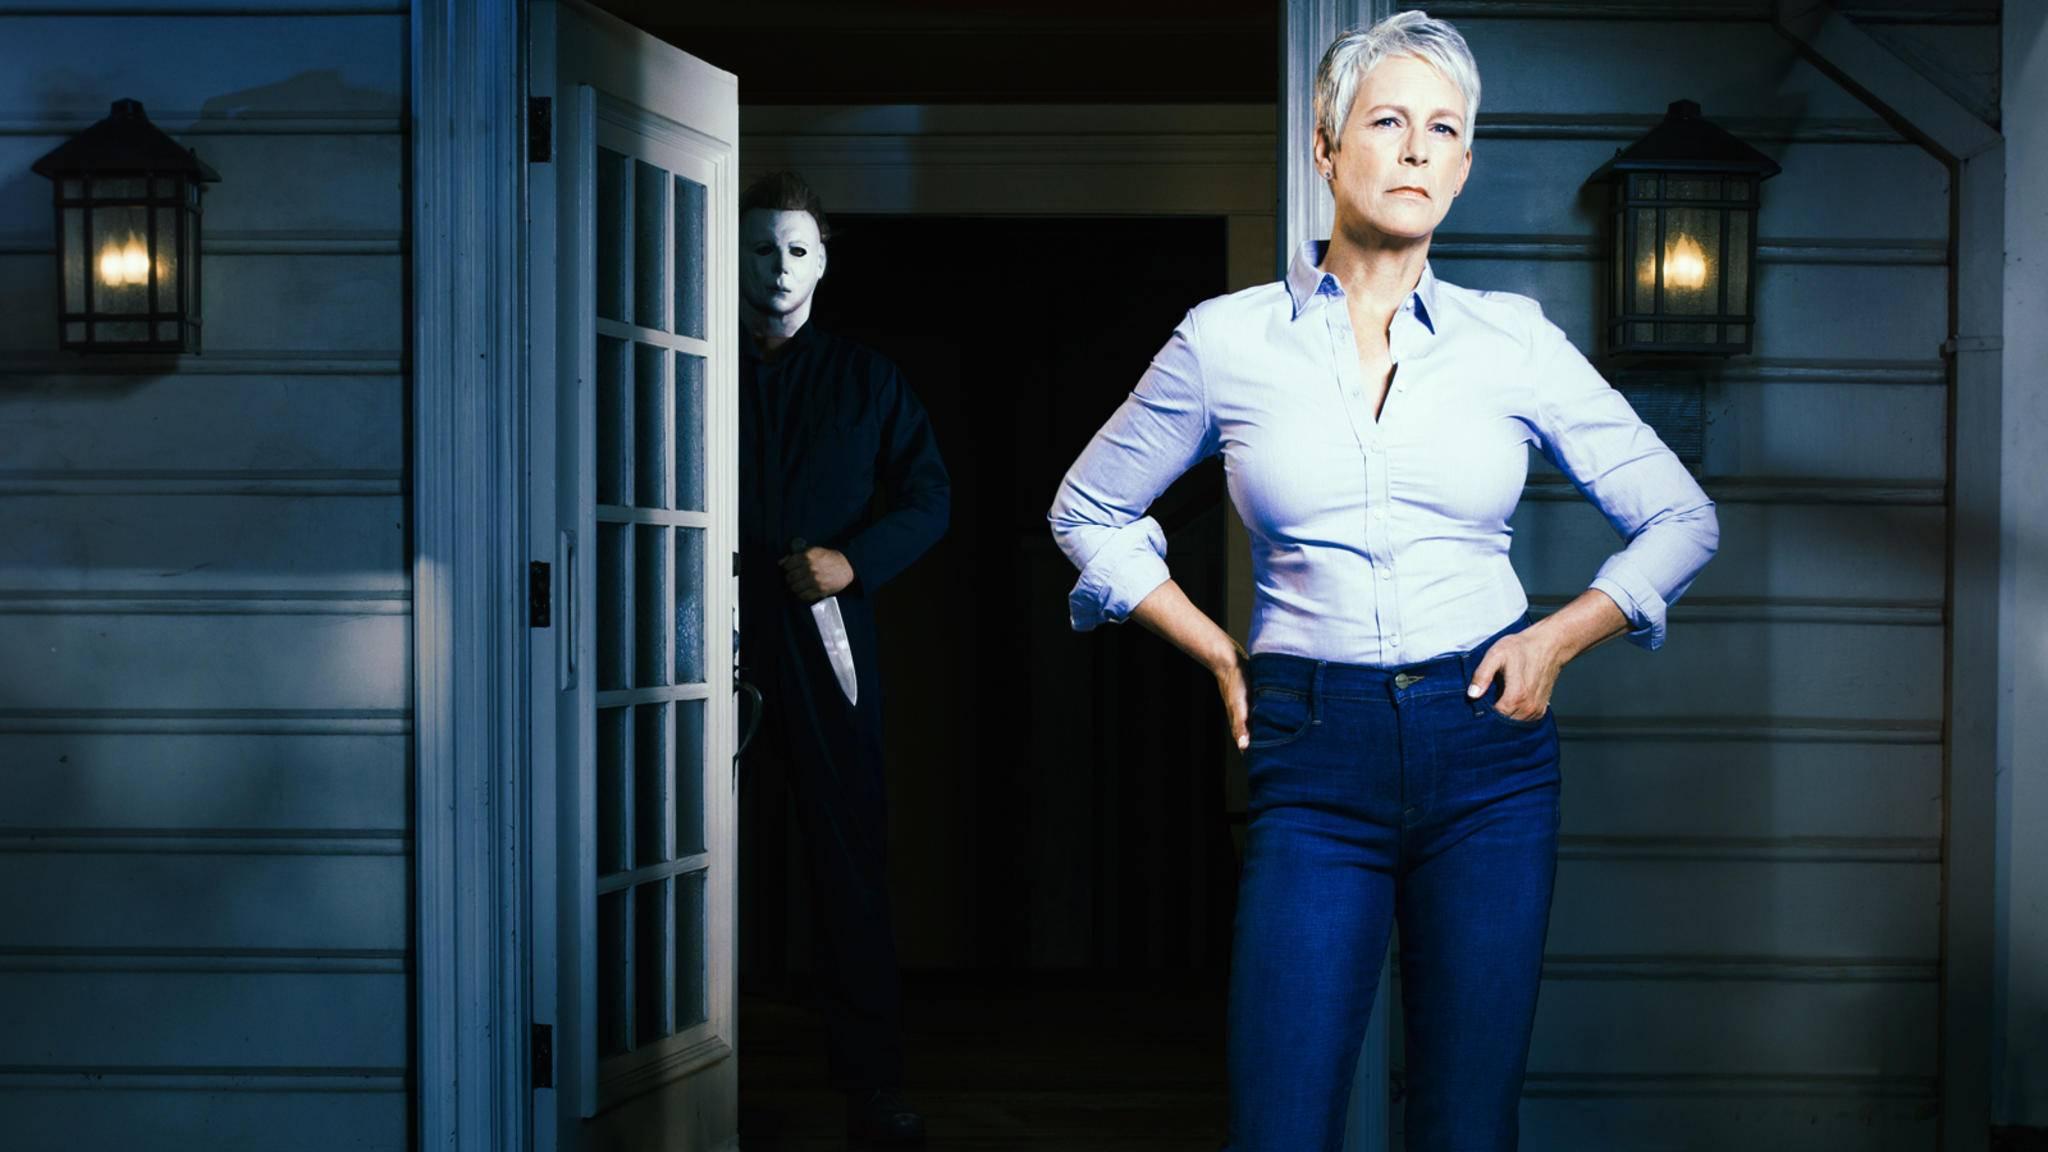 """Schulterblick nicht vergessen: Michael Myers zückt in """"Halloween 2"""" wieder das Messer."""